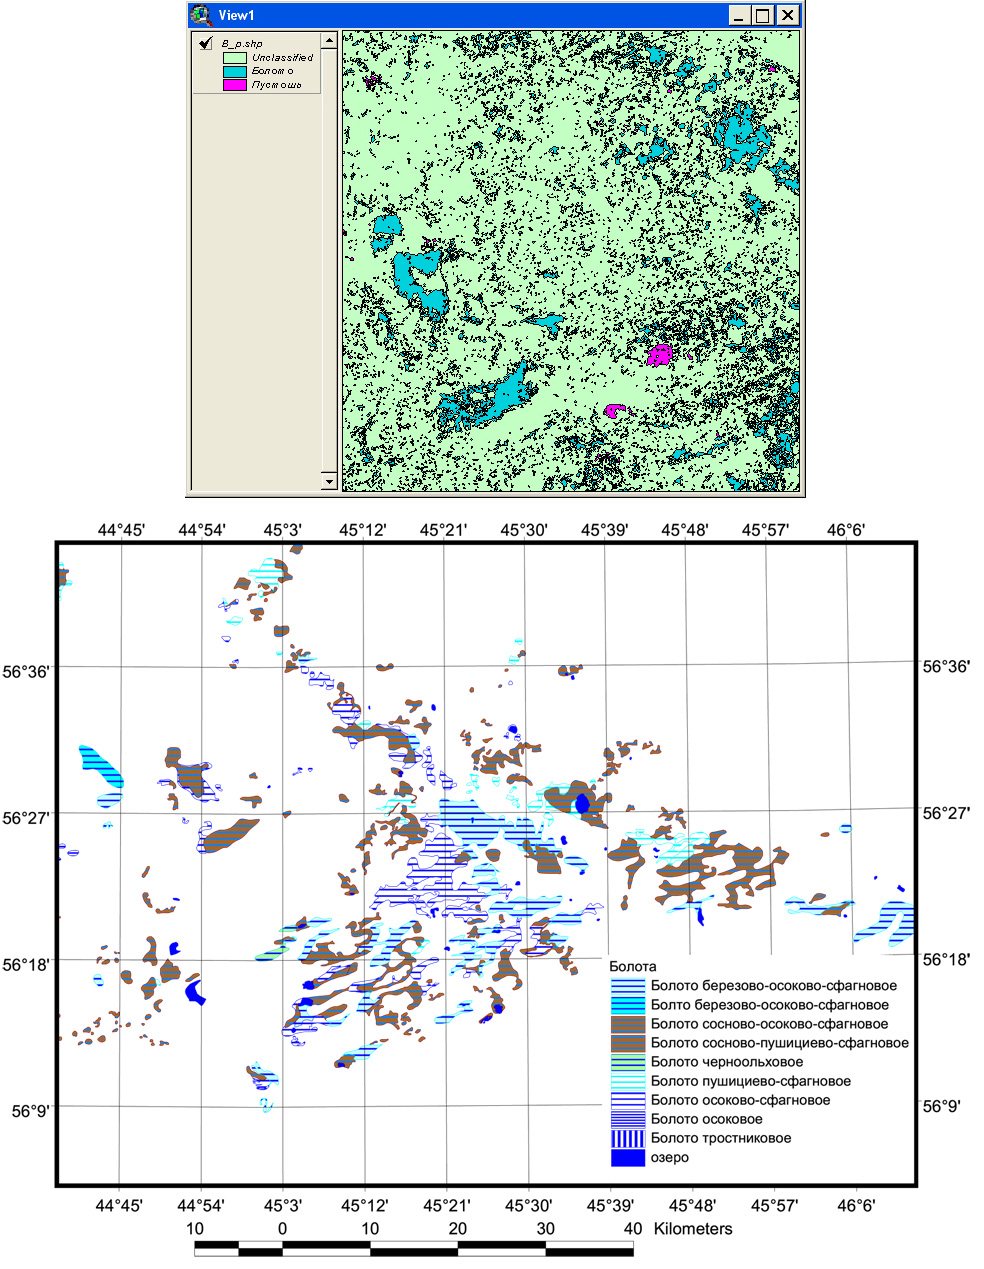 Рис. 434. Фрагмент темы болот и пустошей в ArcView (вверху) и генерализованная карта болот, ранжированная по типам болот (внизу)